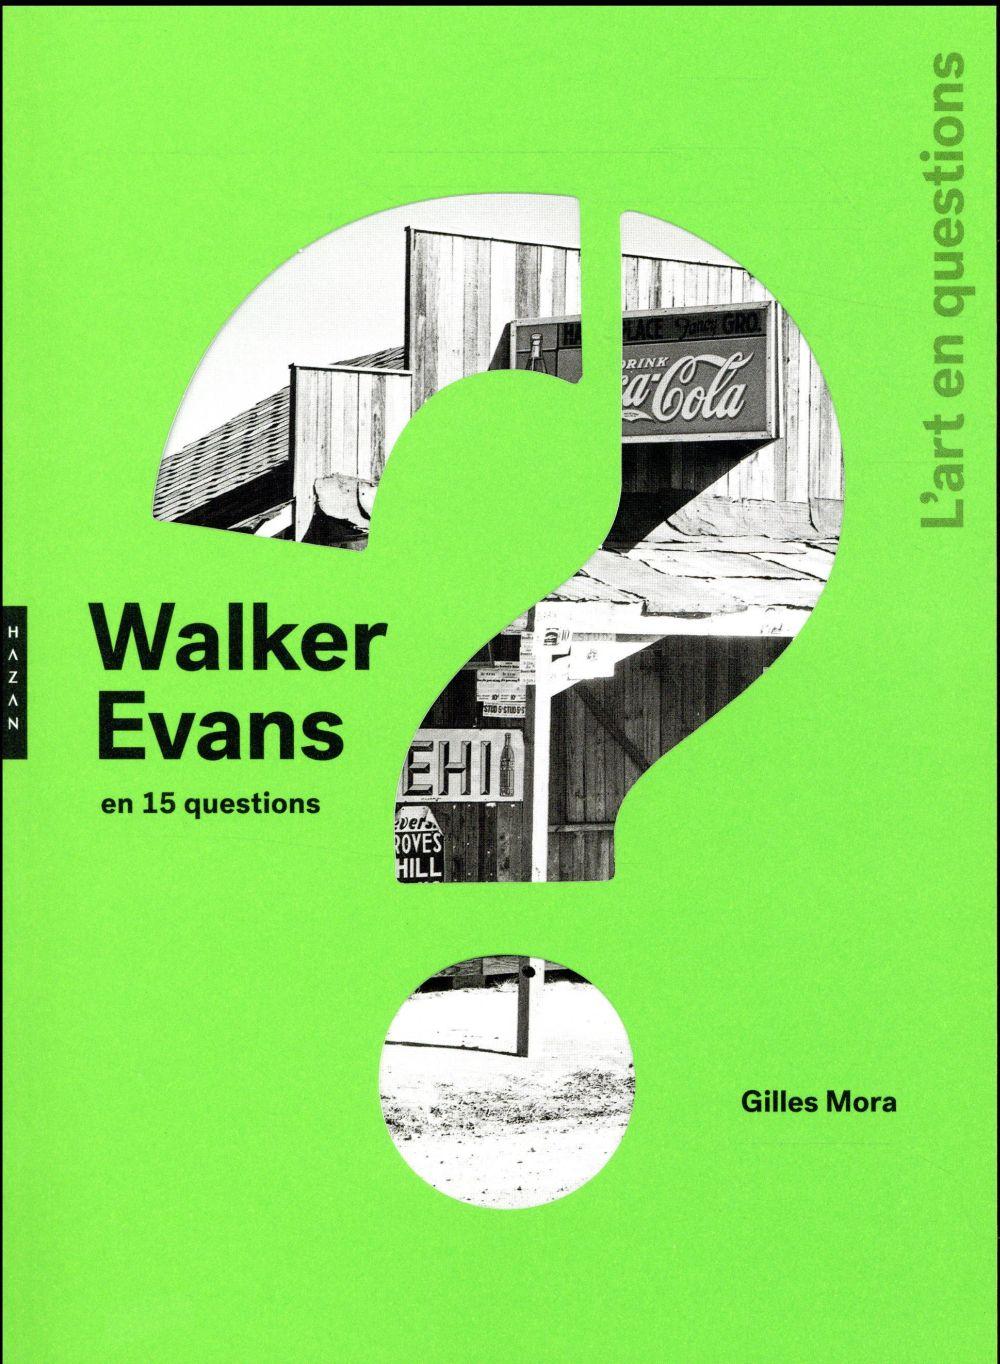 WALKER EVANS EN 15 QUESTIONS